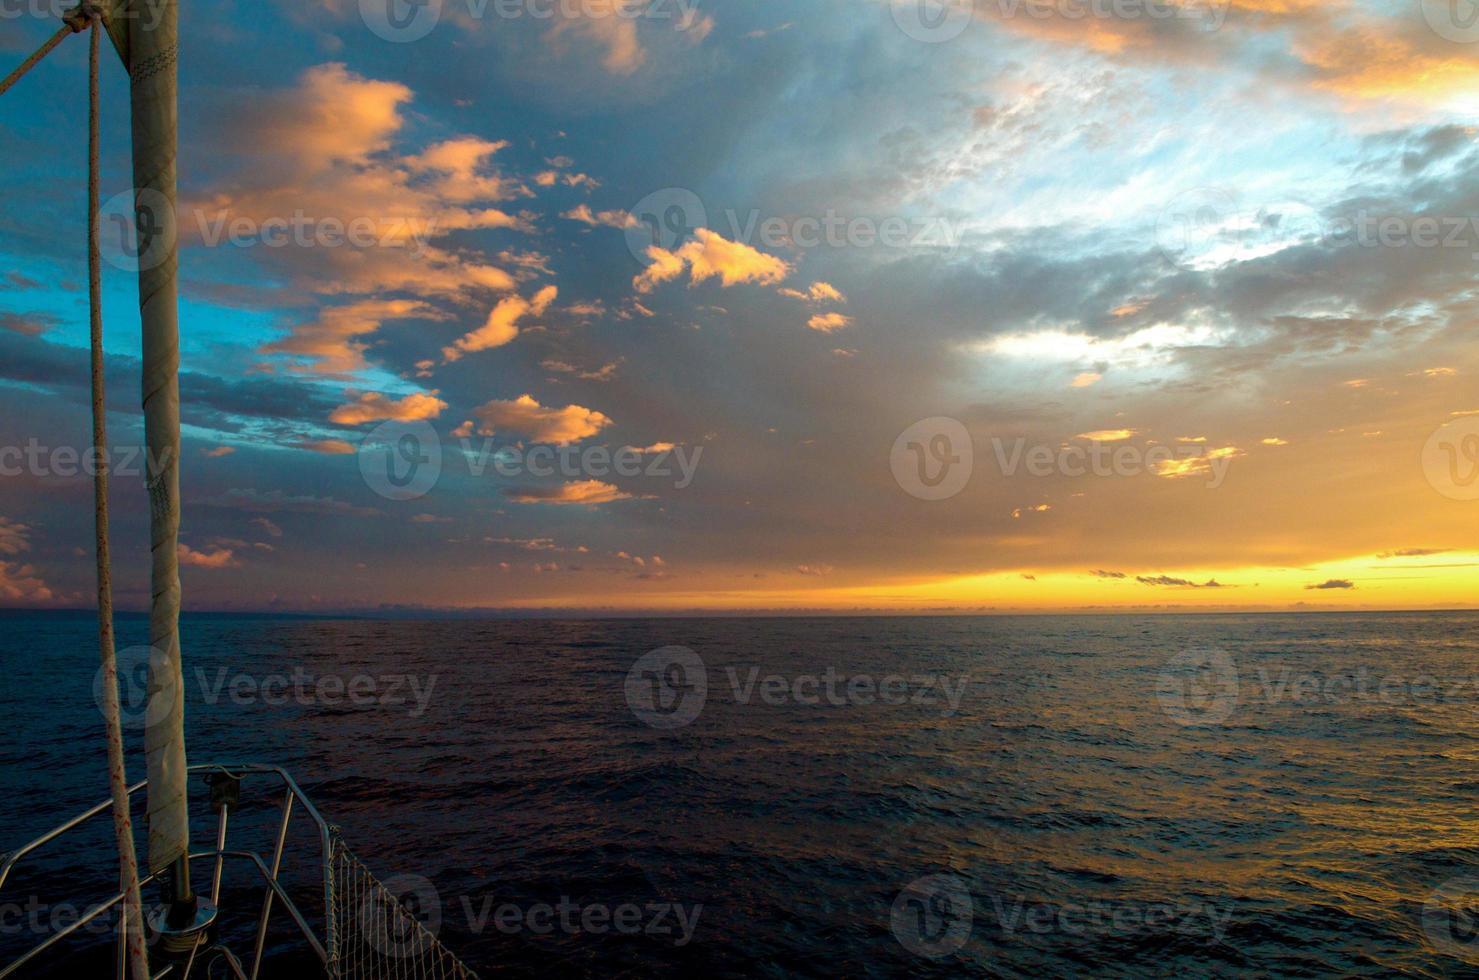 coucher de soleil spectaculaire de la proue d'un voilier maui, hawaï. photo